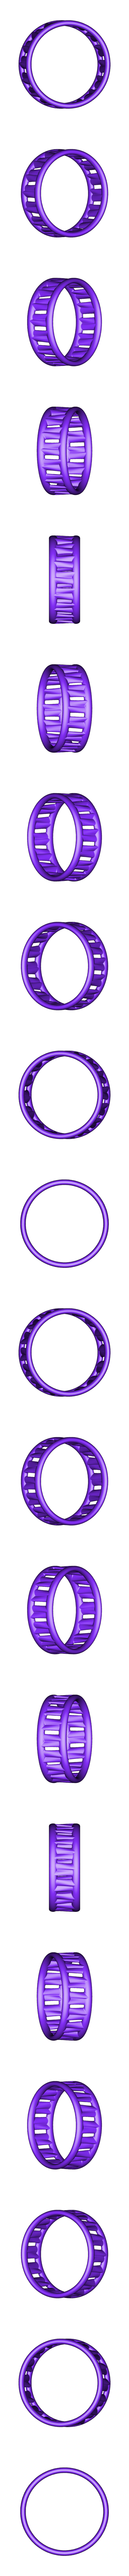 PI-Bracelet-ring_2.3D.stl Télécharger fichier STL gratuit Bracelet Palmiga - Collection Bague • Plan imprimable en 3D, Palmiga